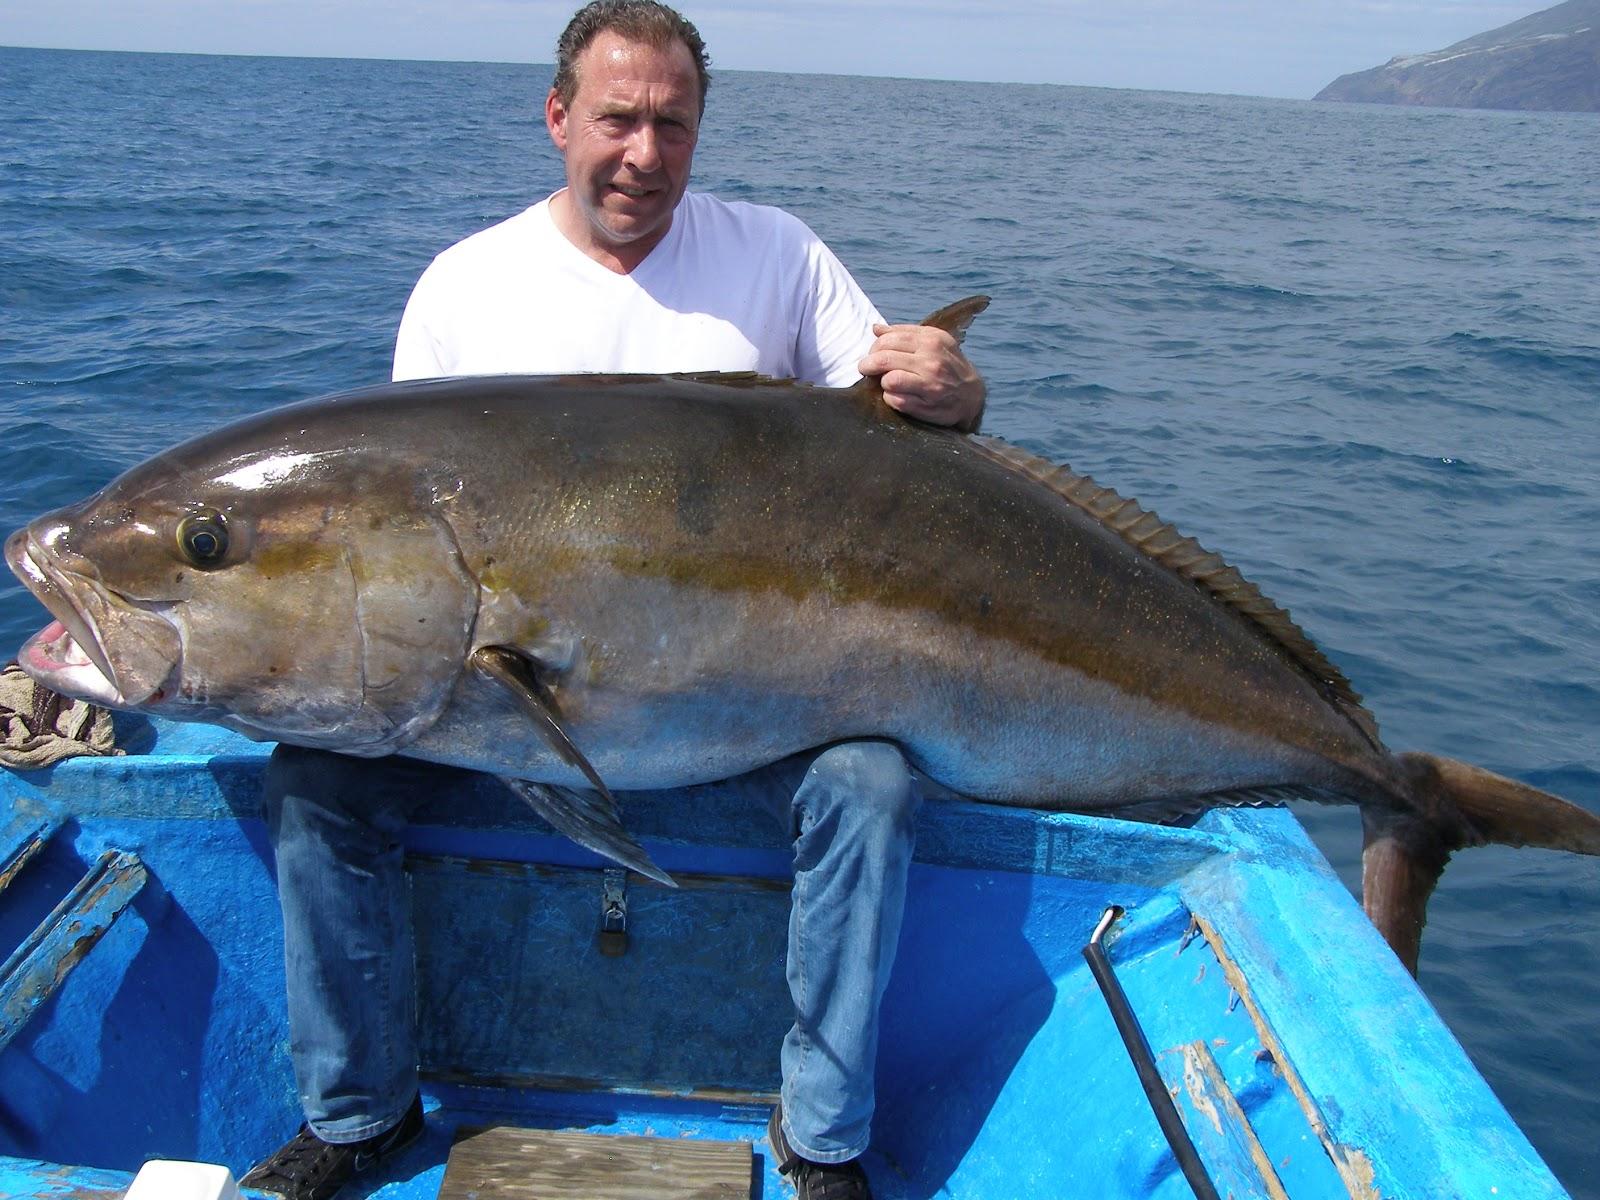 Pesca intorno al mondo foto varie pagina 2 for Grosso pesce di lago